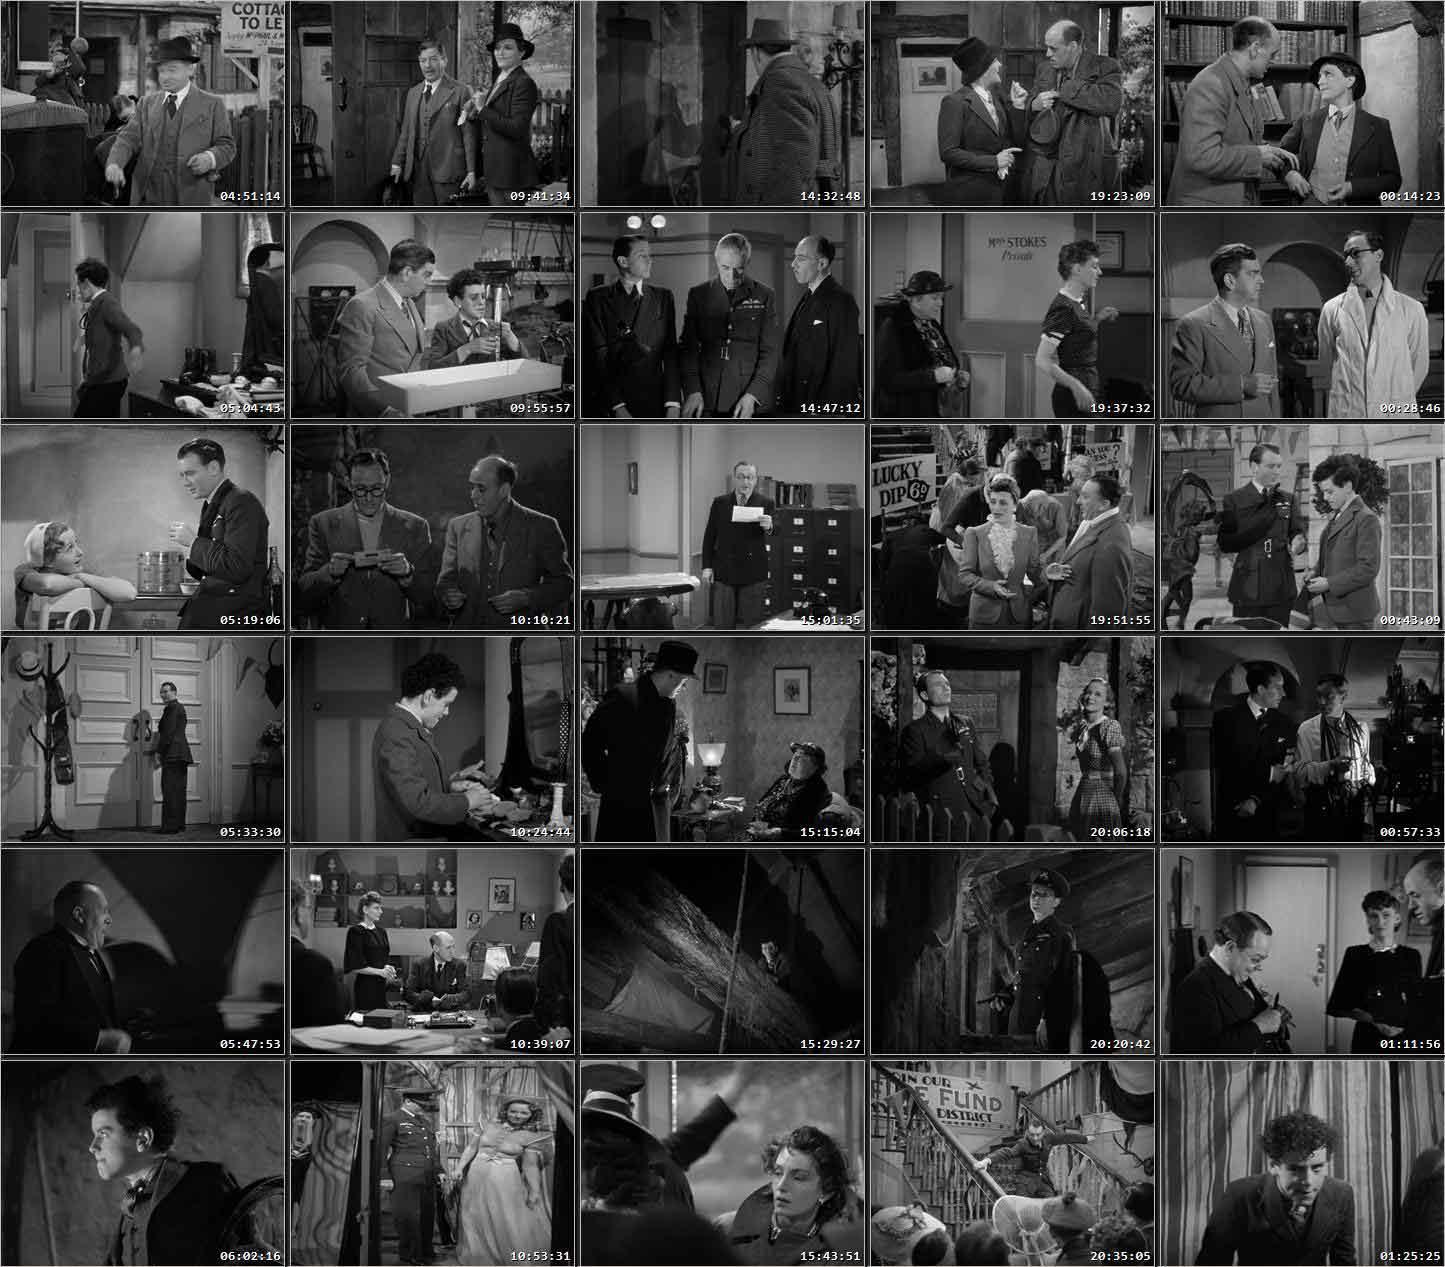 Bombsight Stolen (1941)